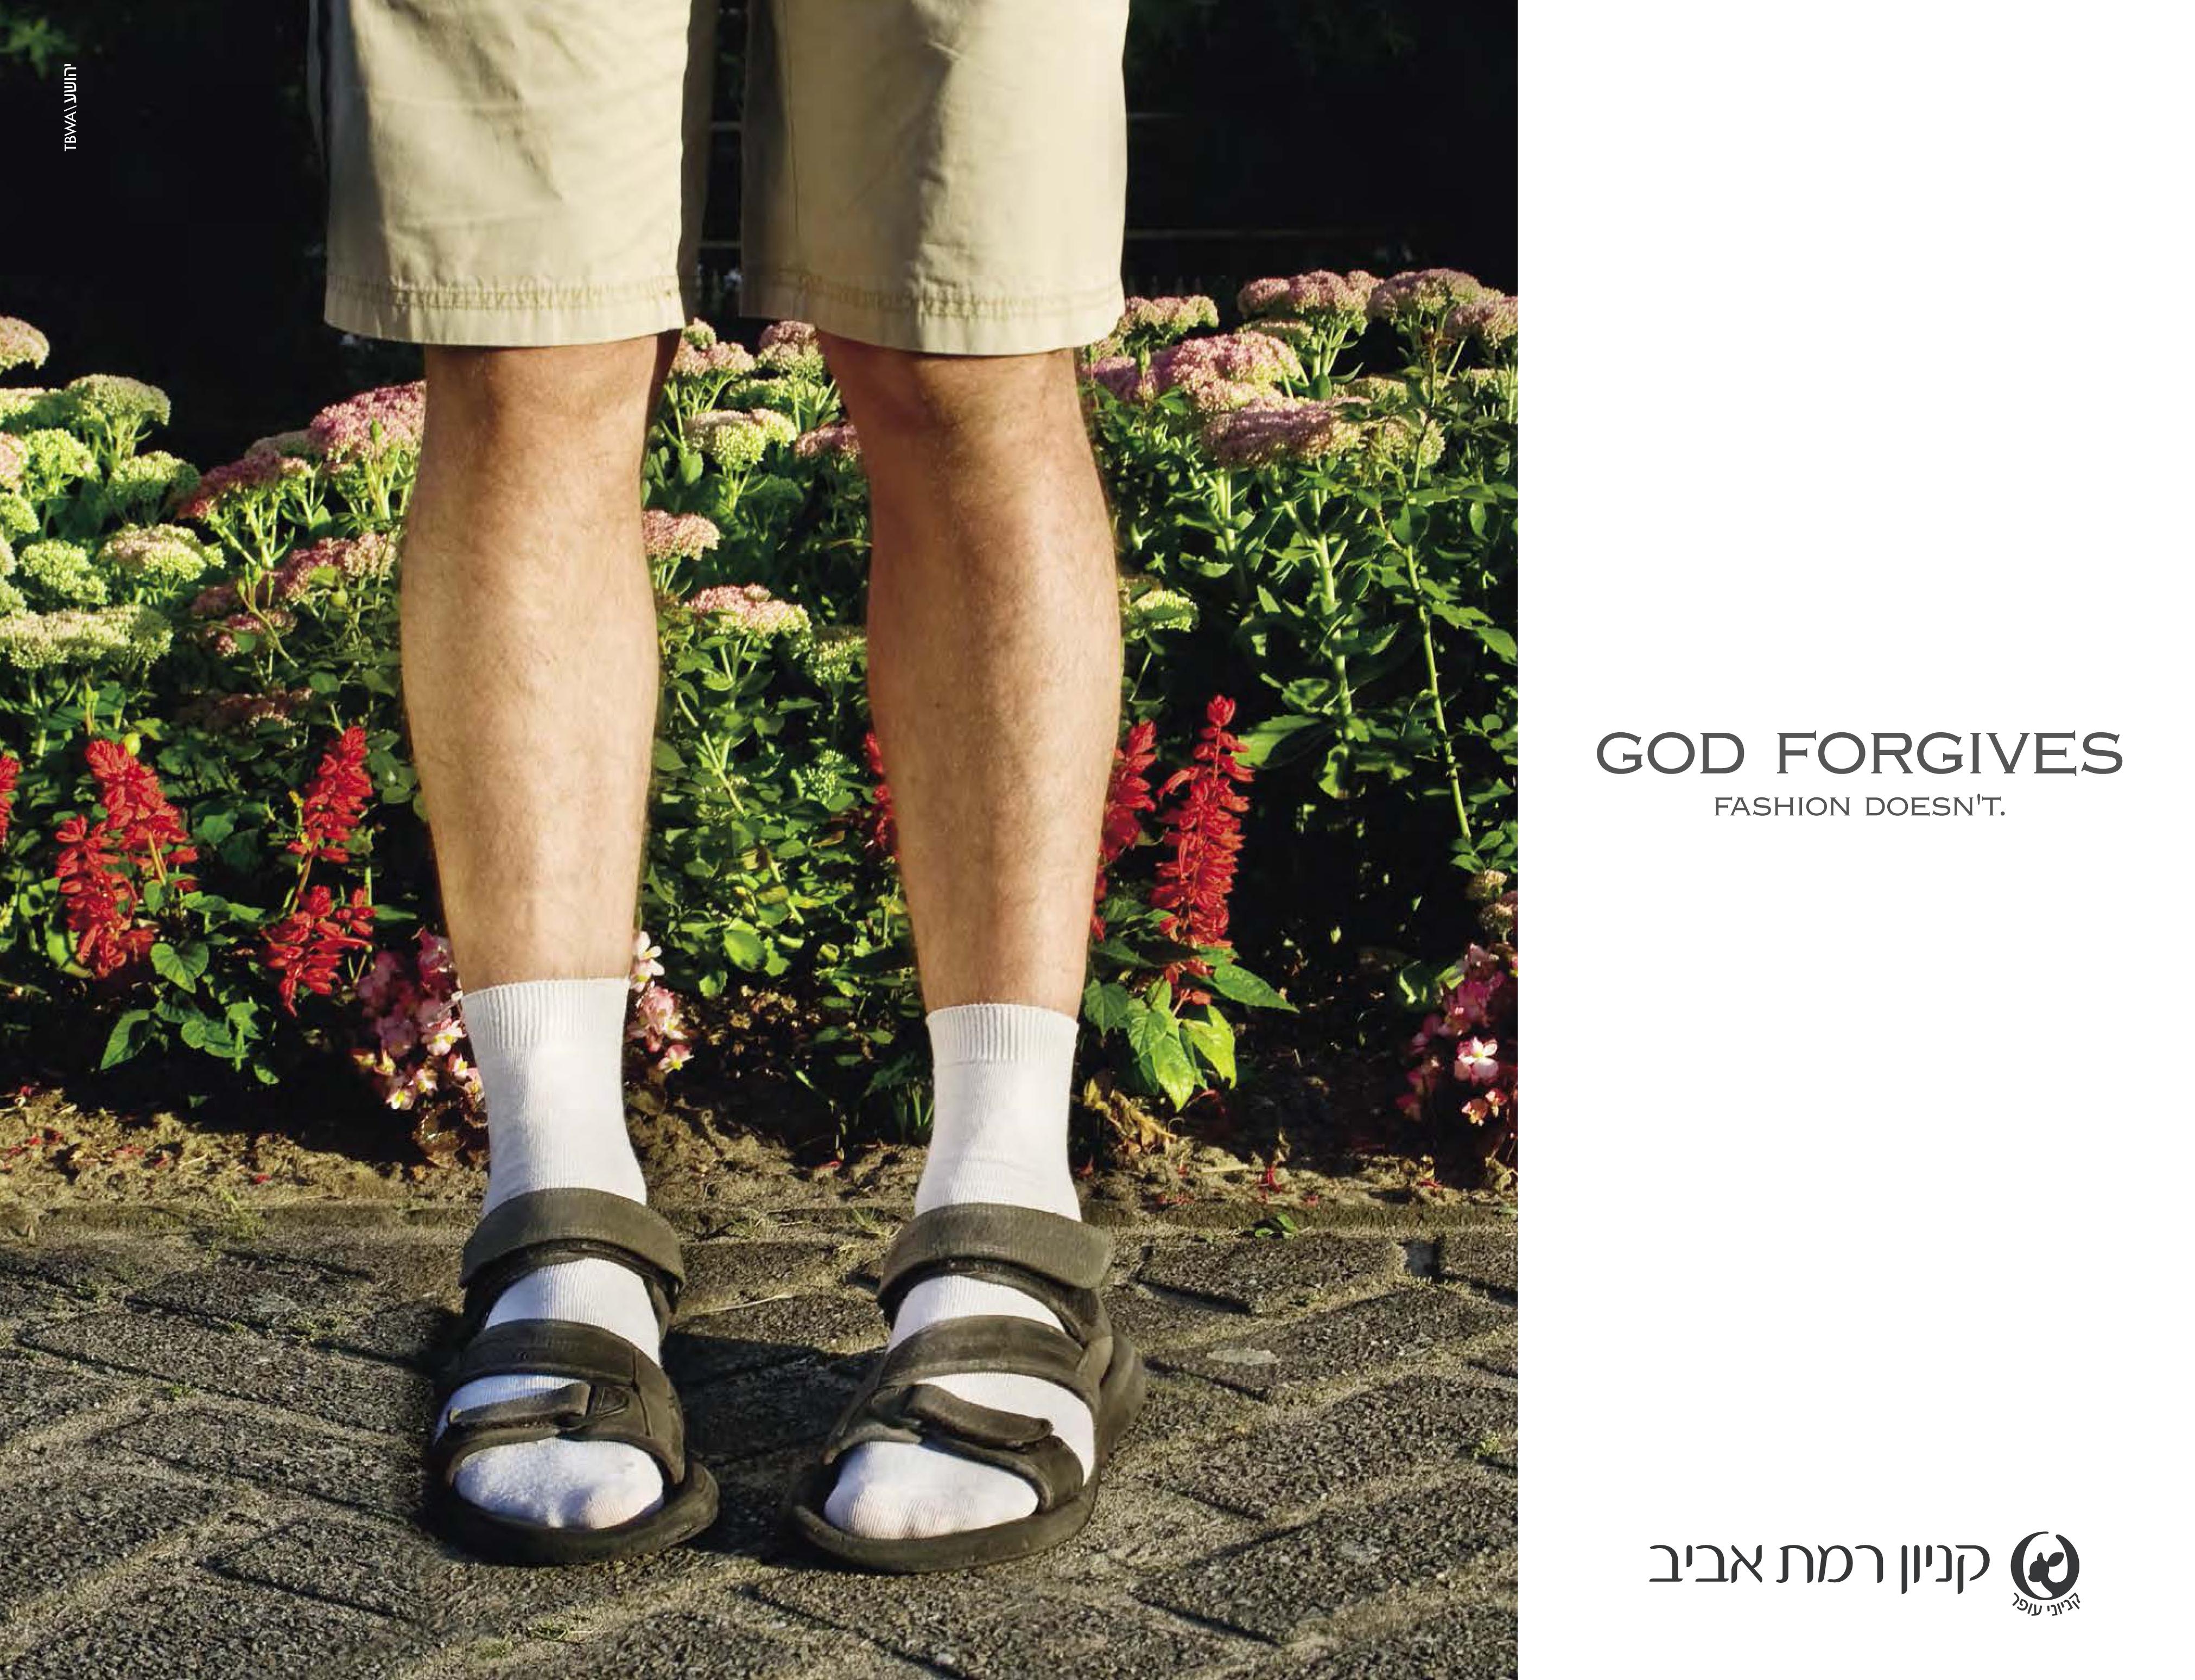 דג הזהב 2013: אלוהים סולח, אופנה לא שוכחת